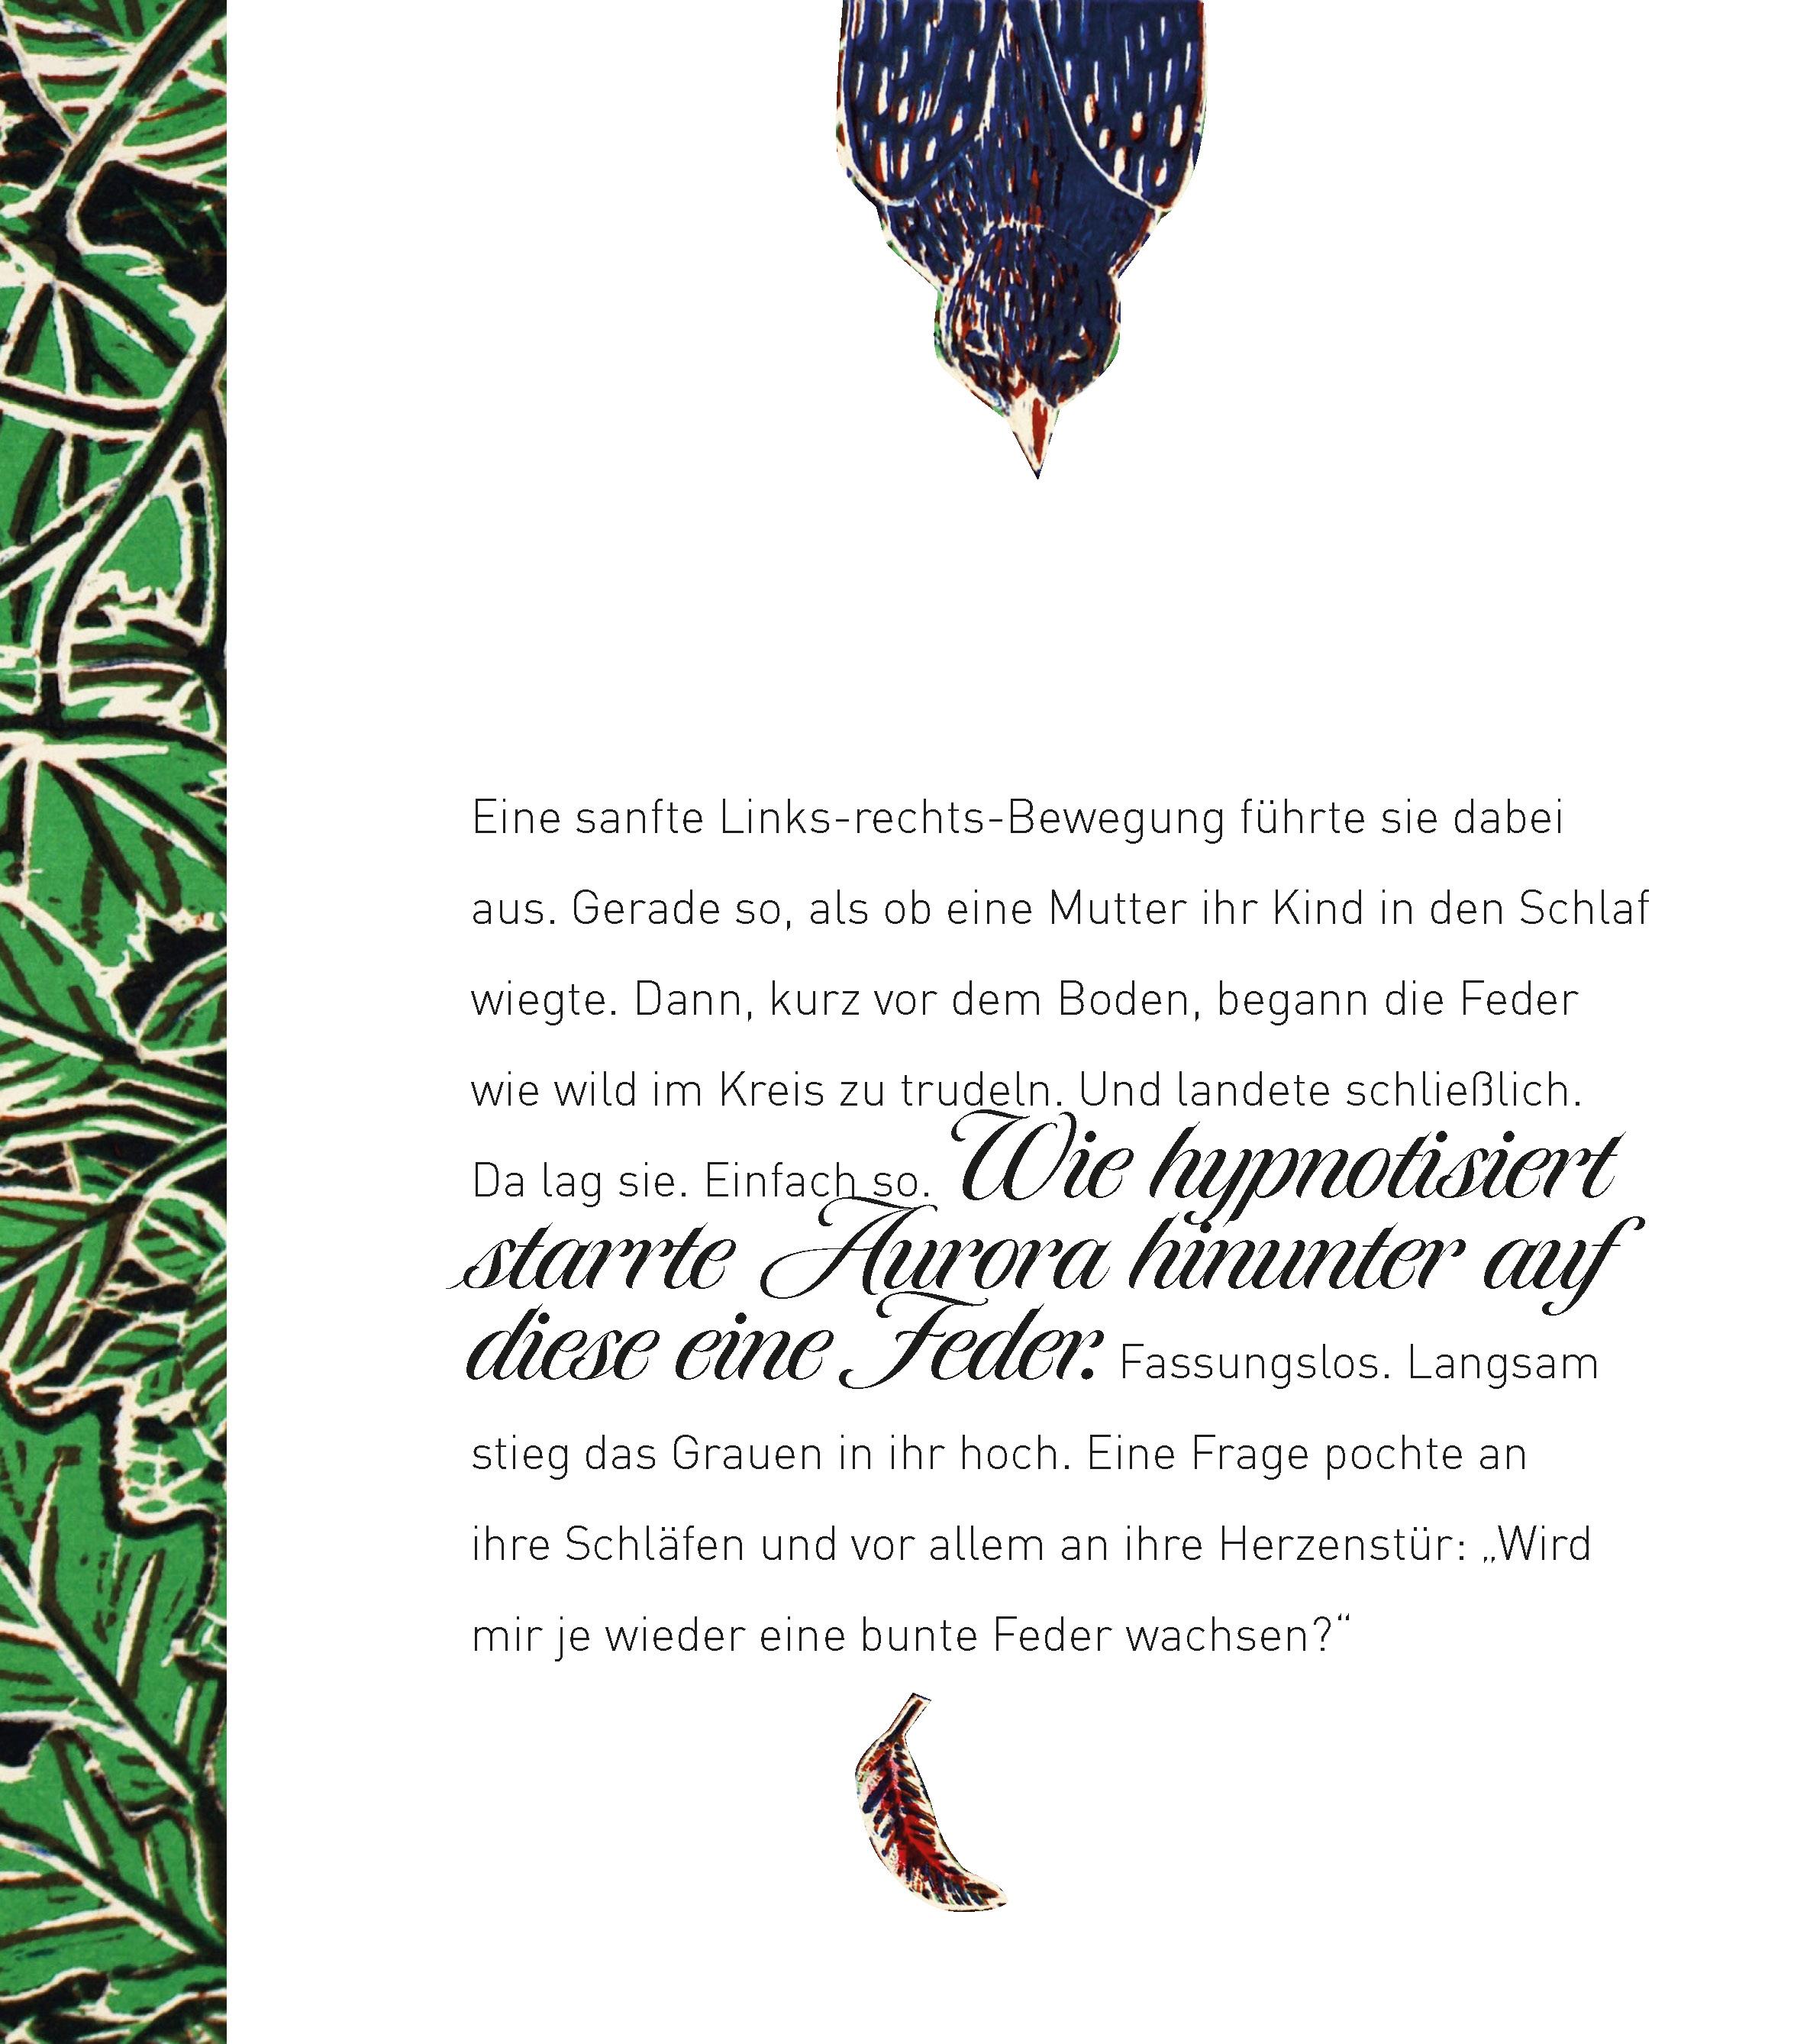 aurora_sabine_buch_2015_ueberarbeitung_kern_36seiten_2015_Seite_23